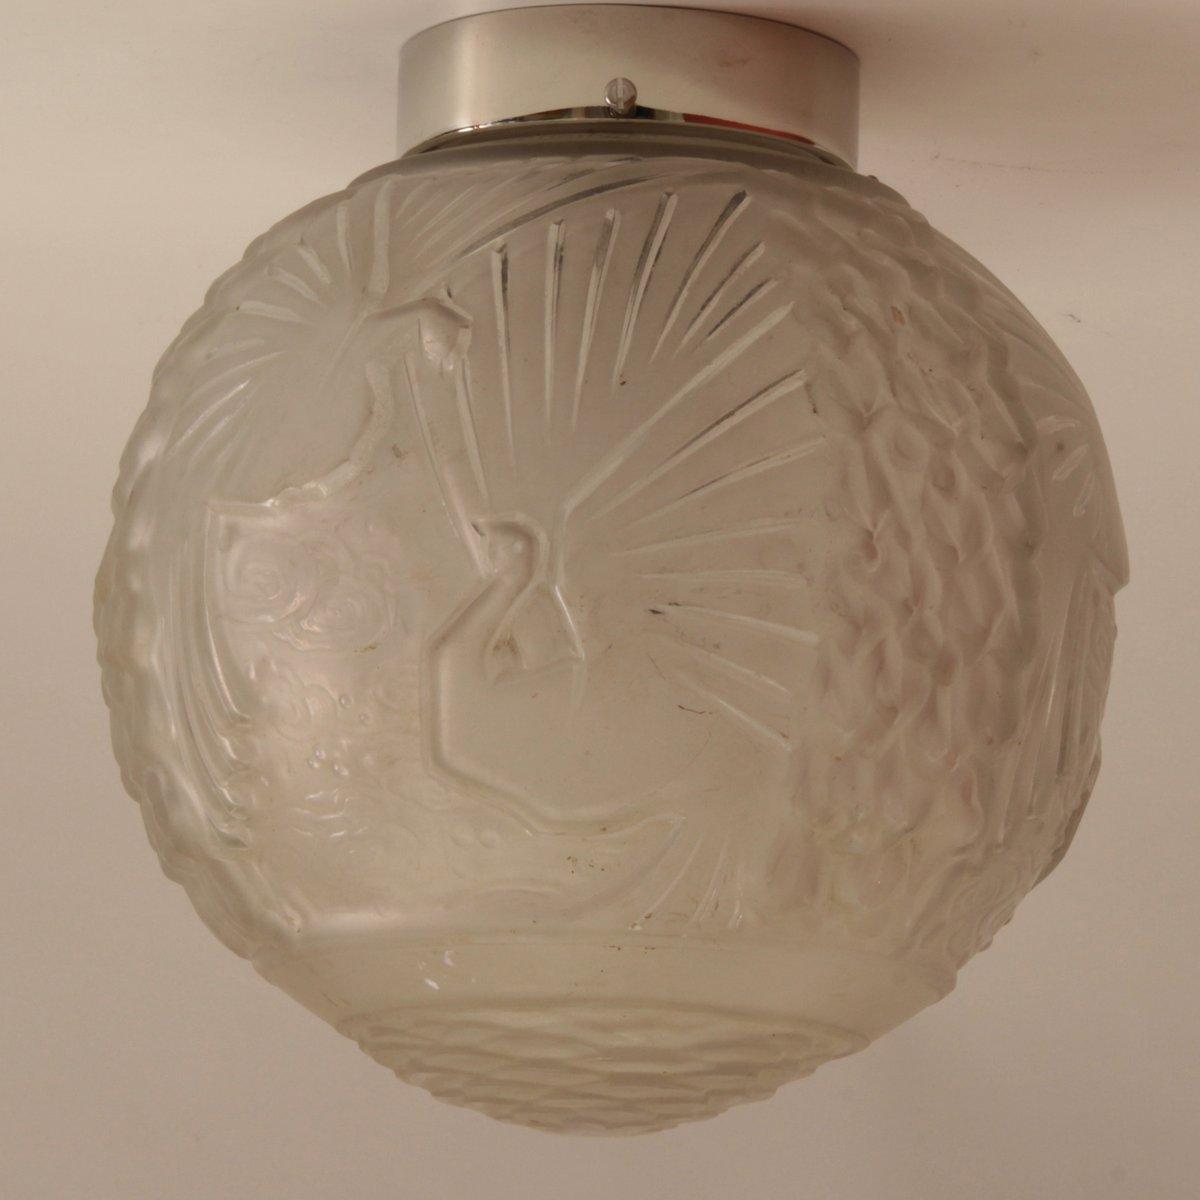 Große Französische Art Deco Deckenlampe von Muller Frères, 1920er